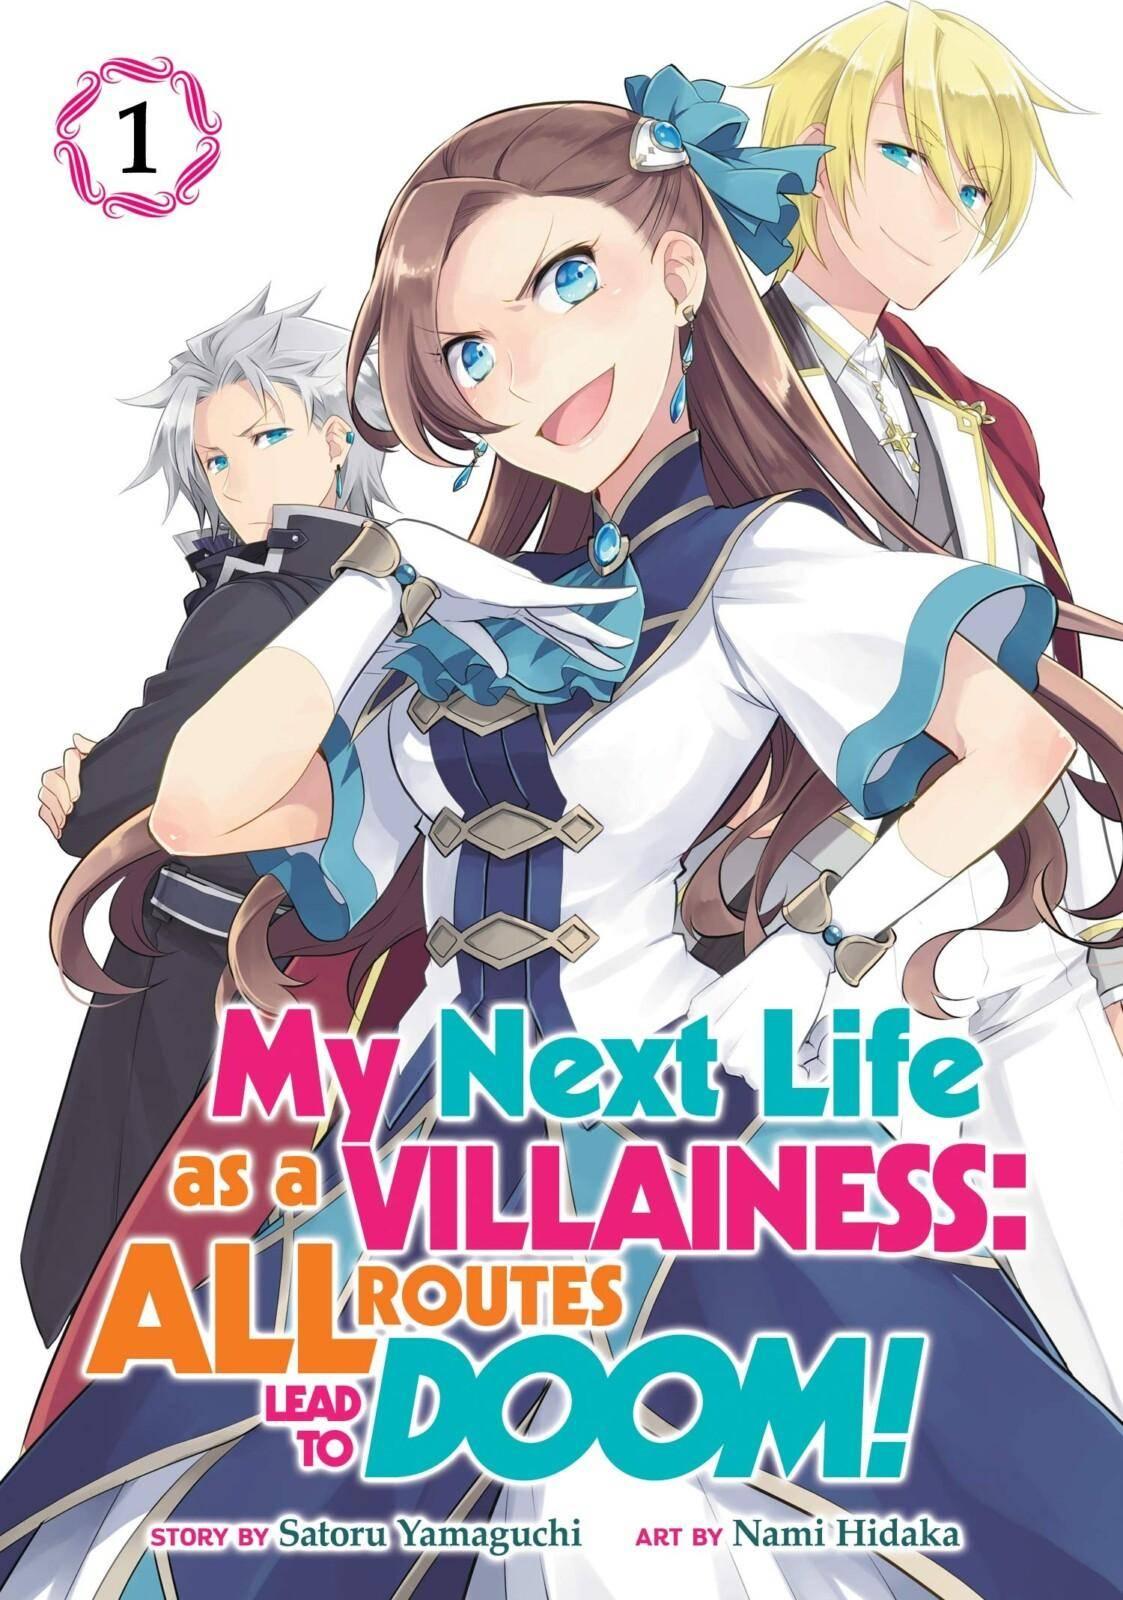 My Next Life as a Villainess 2